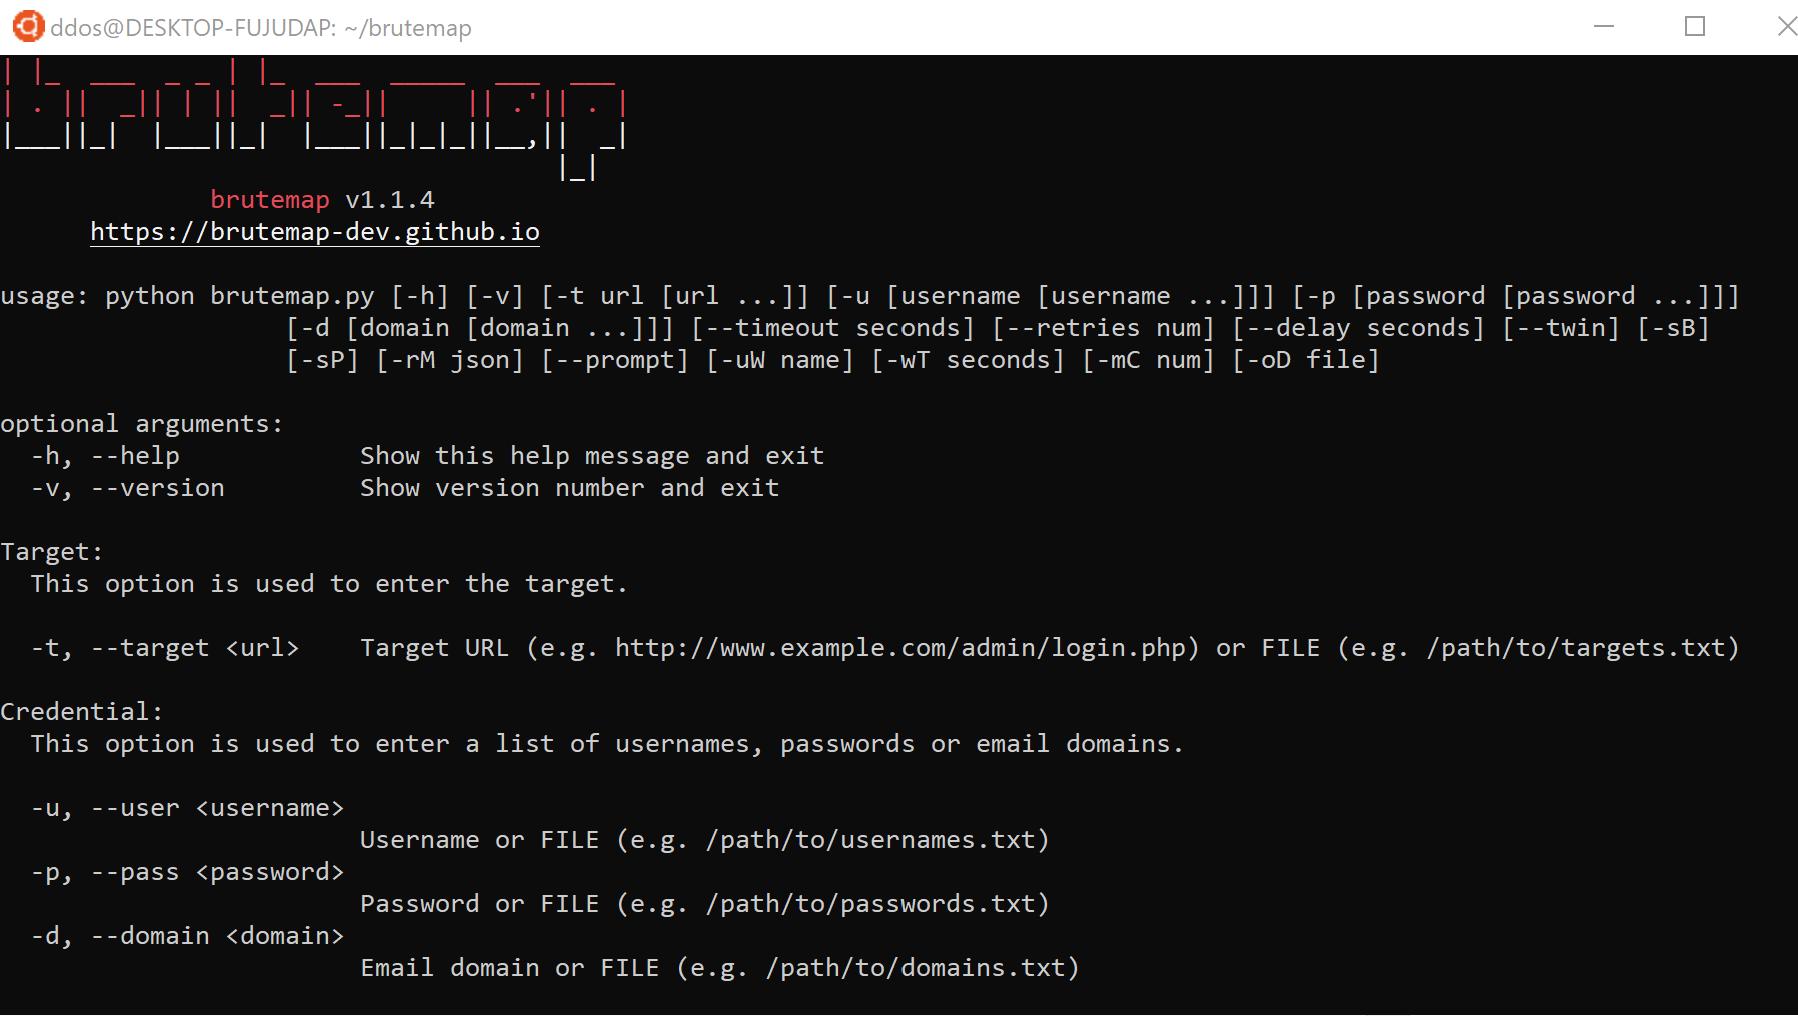 ⌨️ brutemap: автоматизирует тестирование аккаунтов на странице входа на сайт